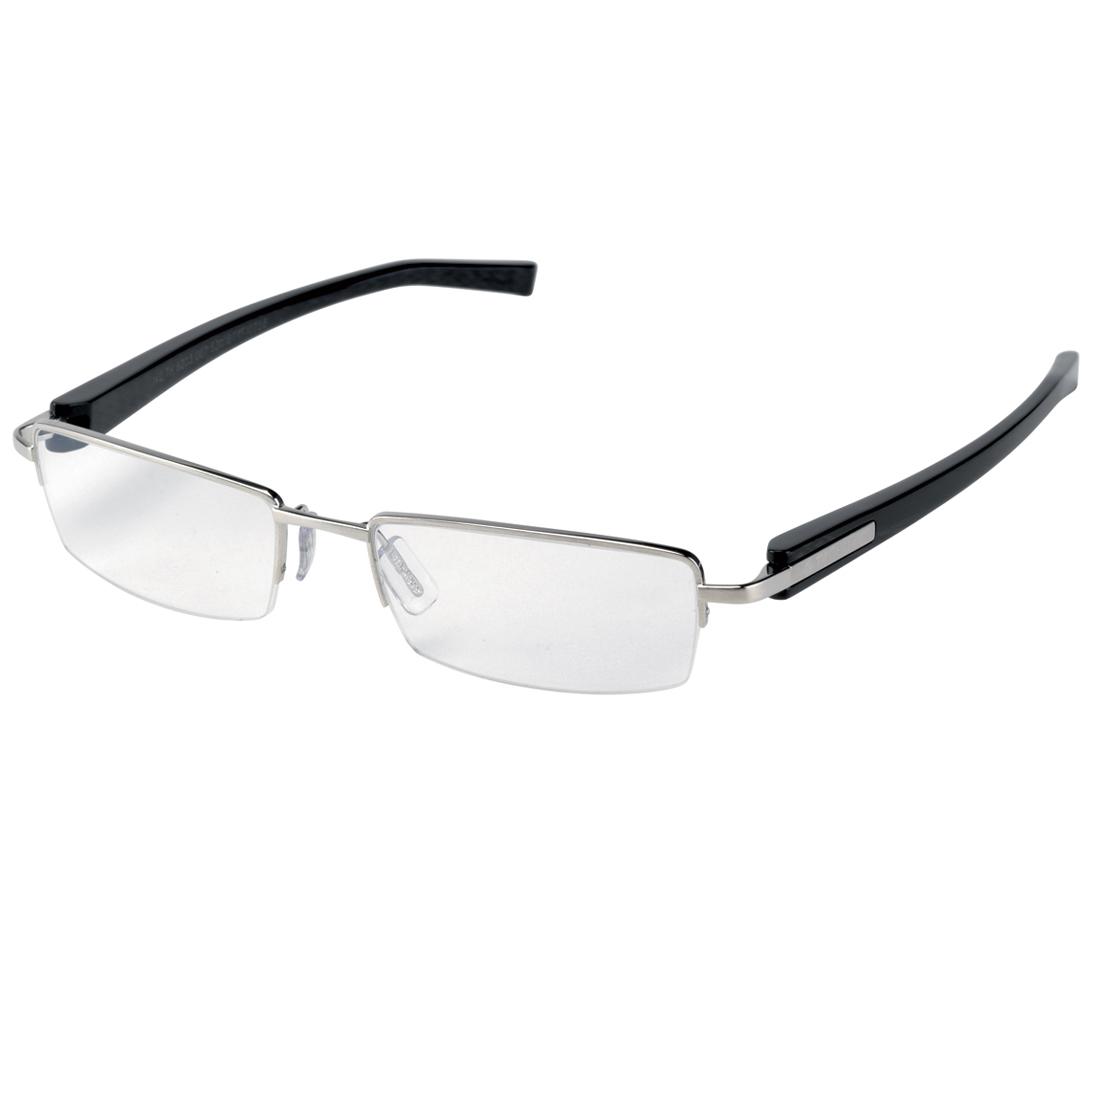 b64196391af Tag Heuer Semi Rimless Eyeglasses « Heritage Malta